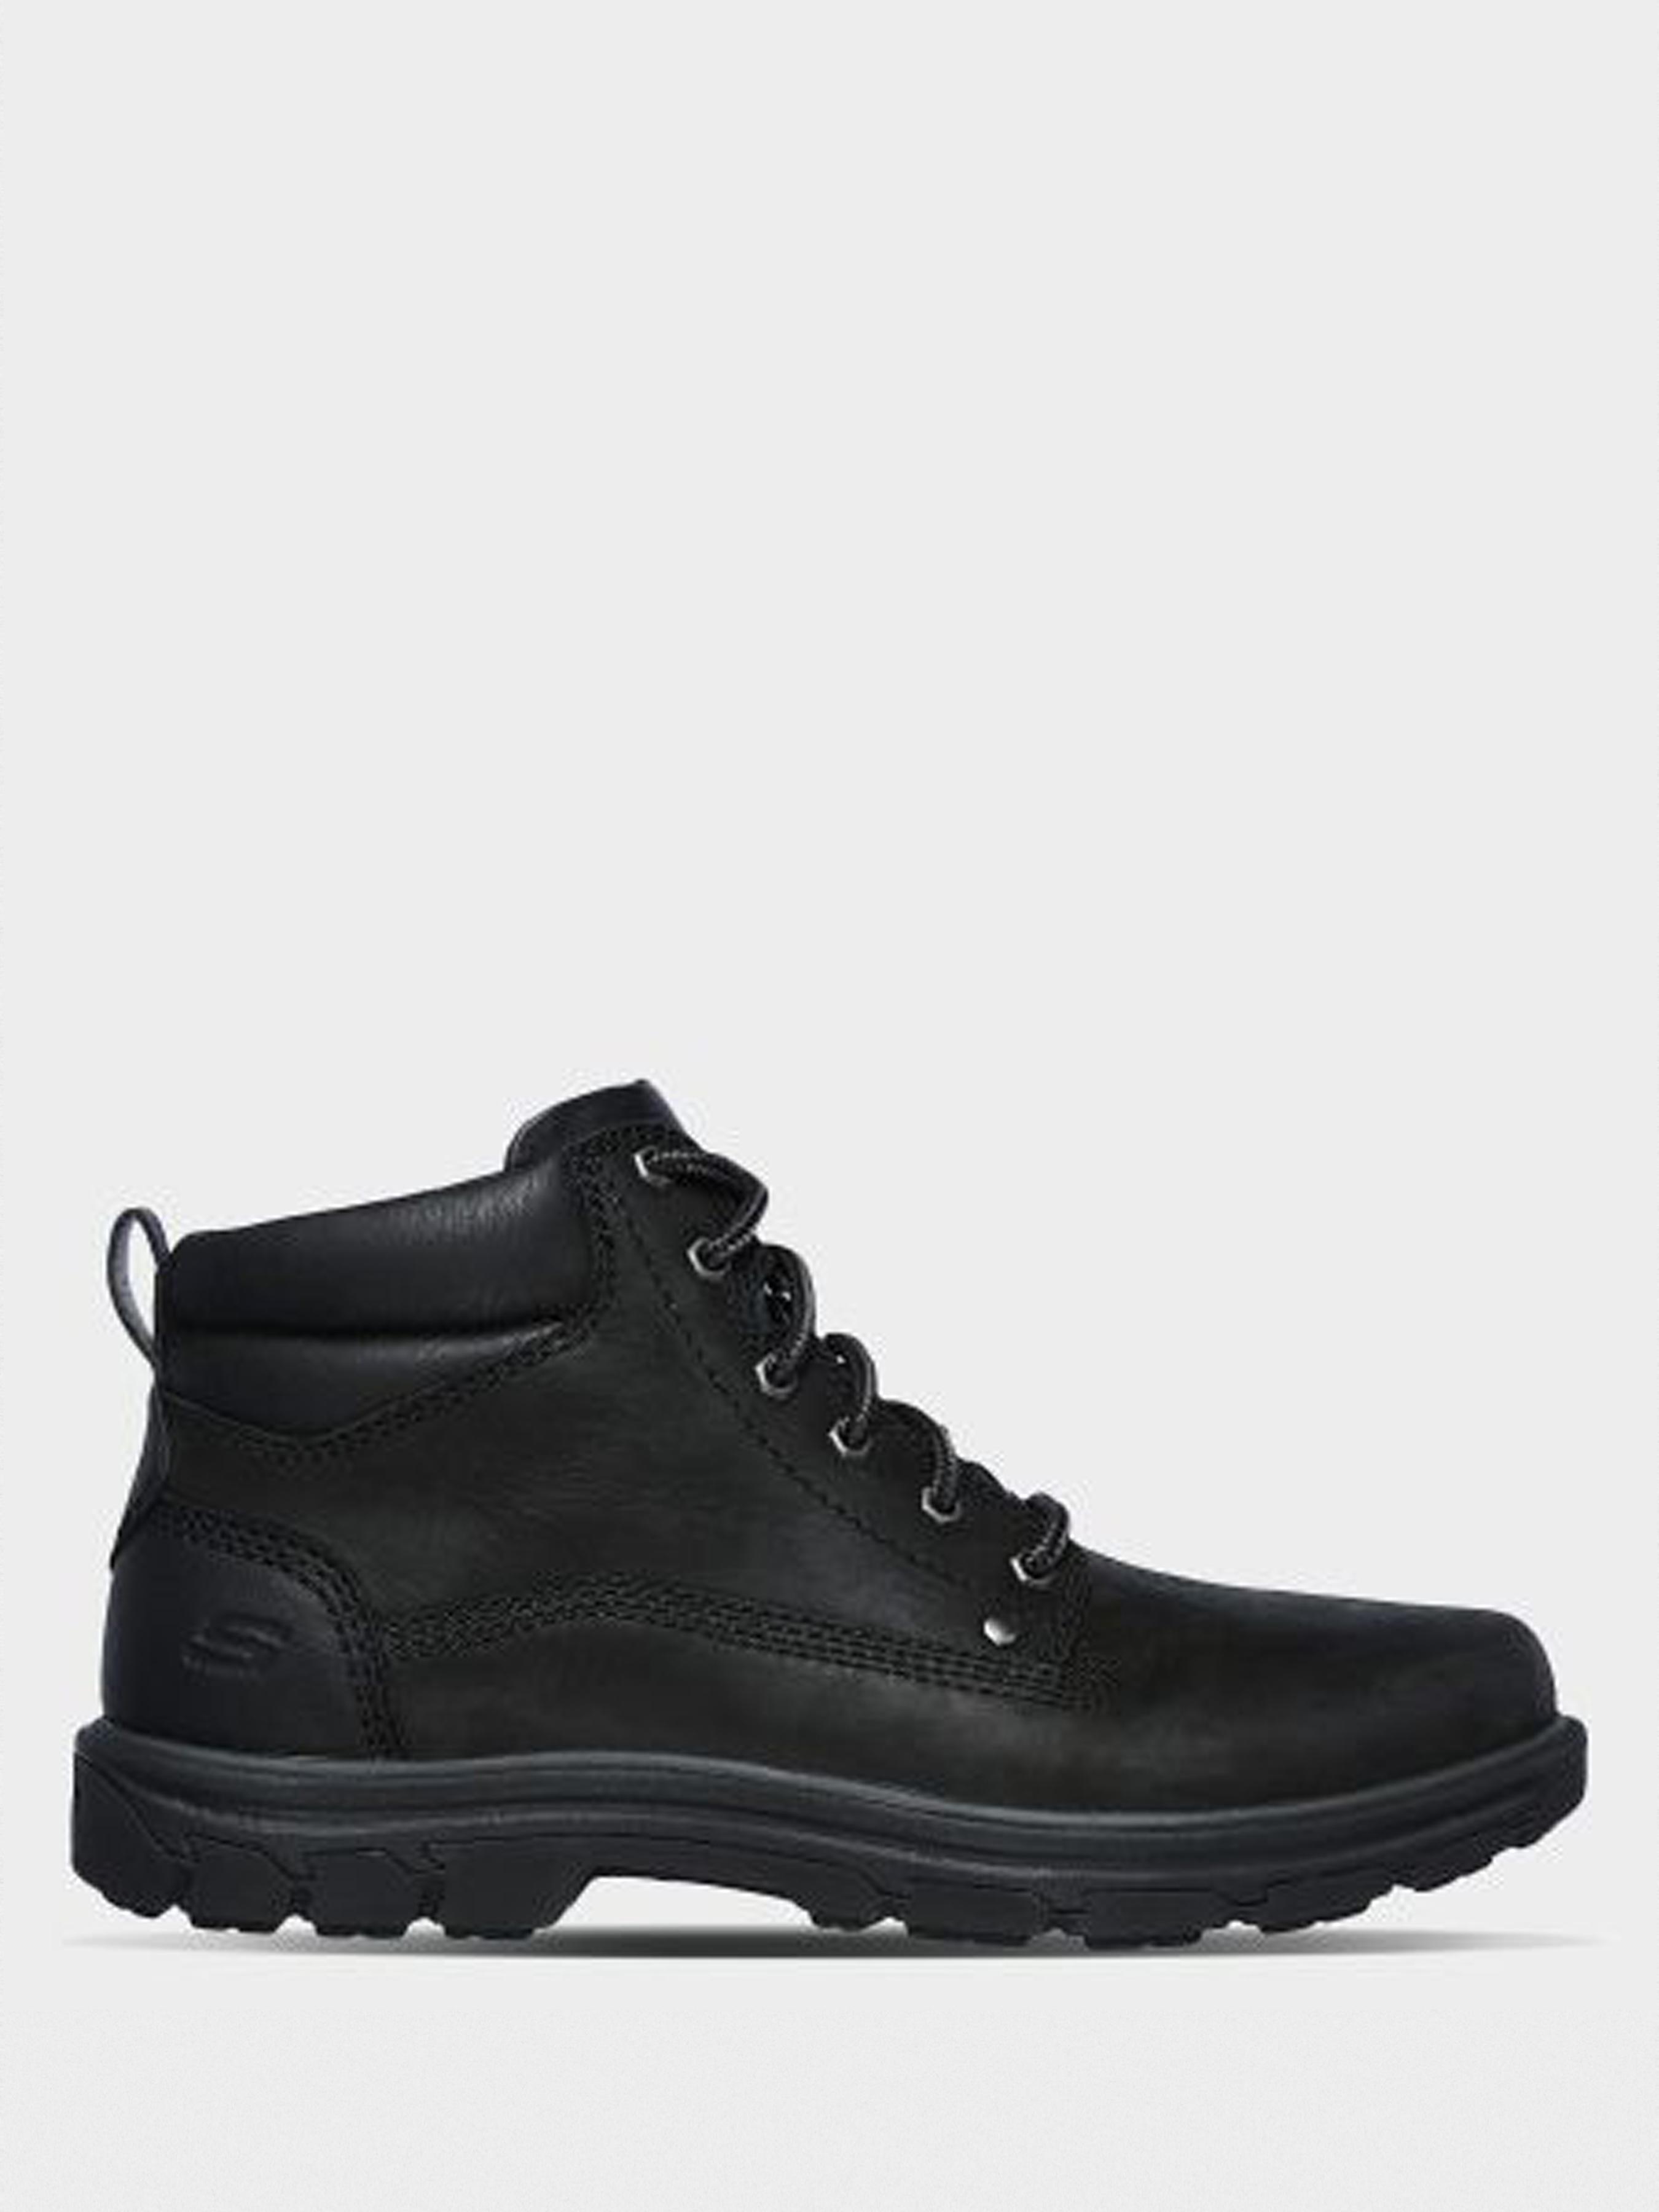 Купить Ботинки мужские Skechers KM3314, Черный